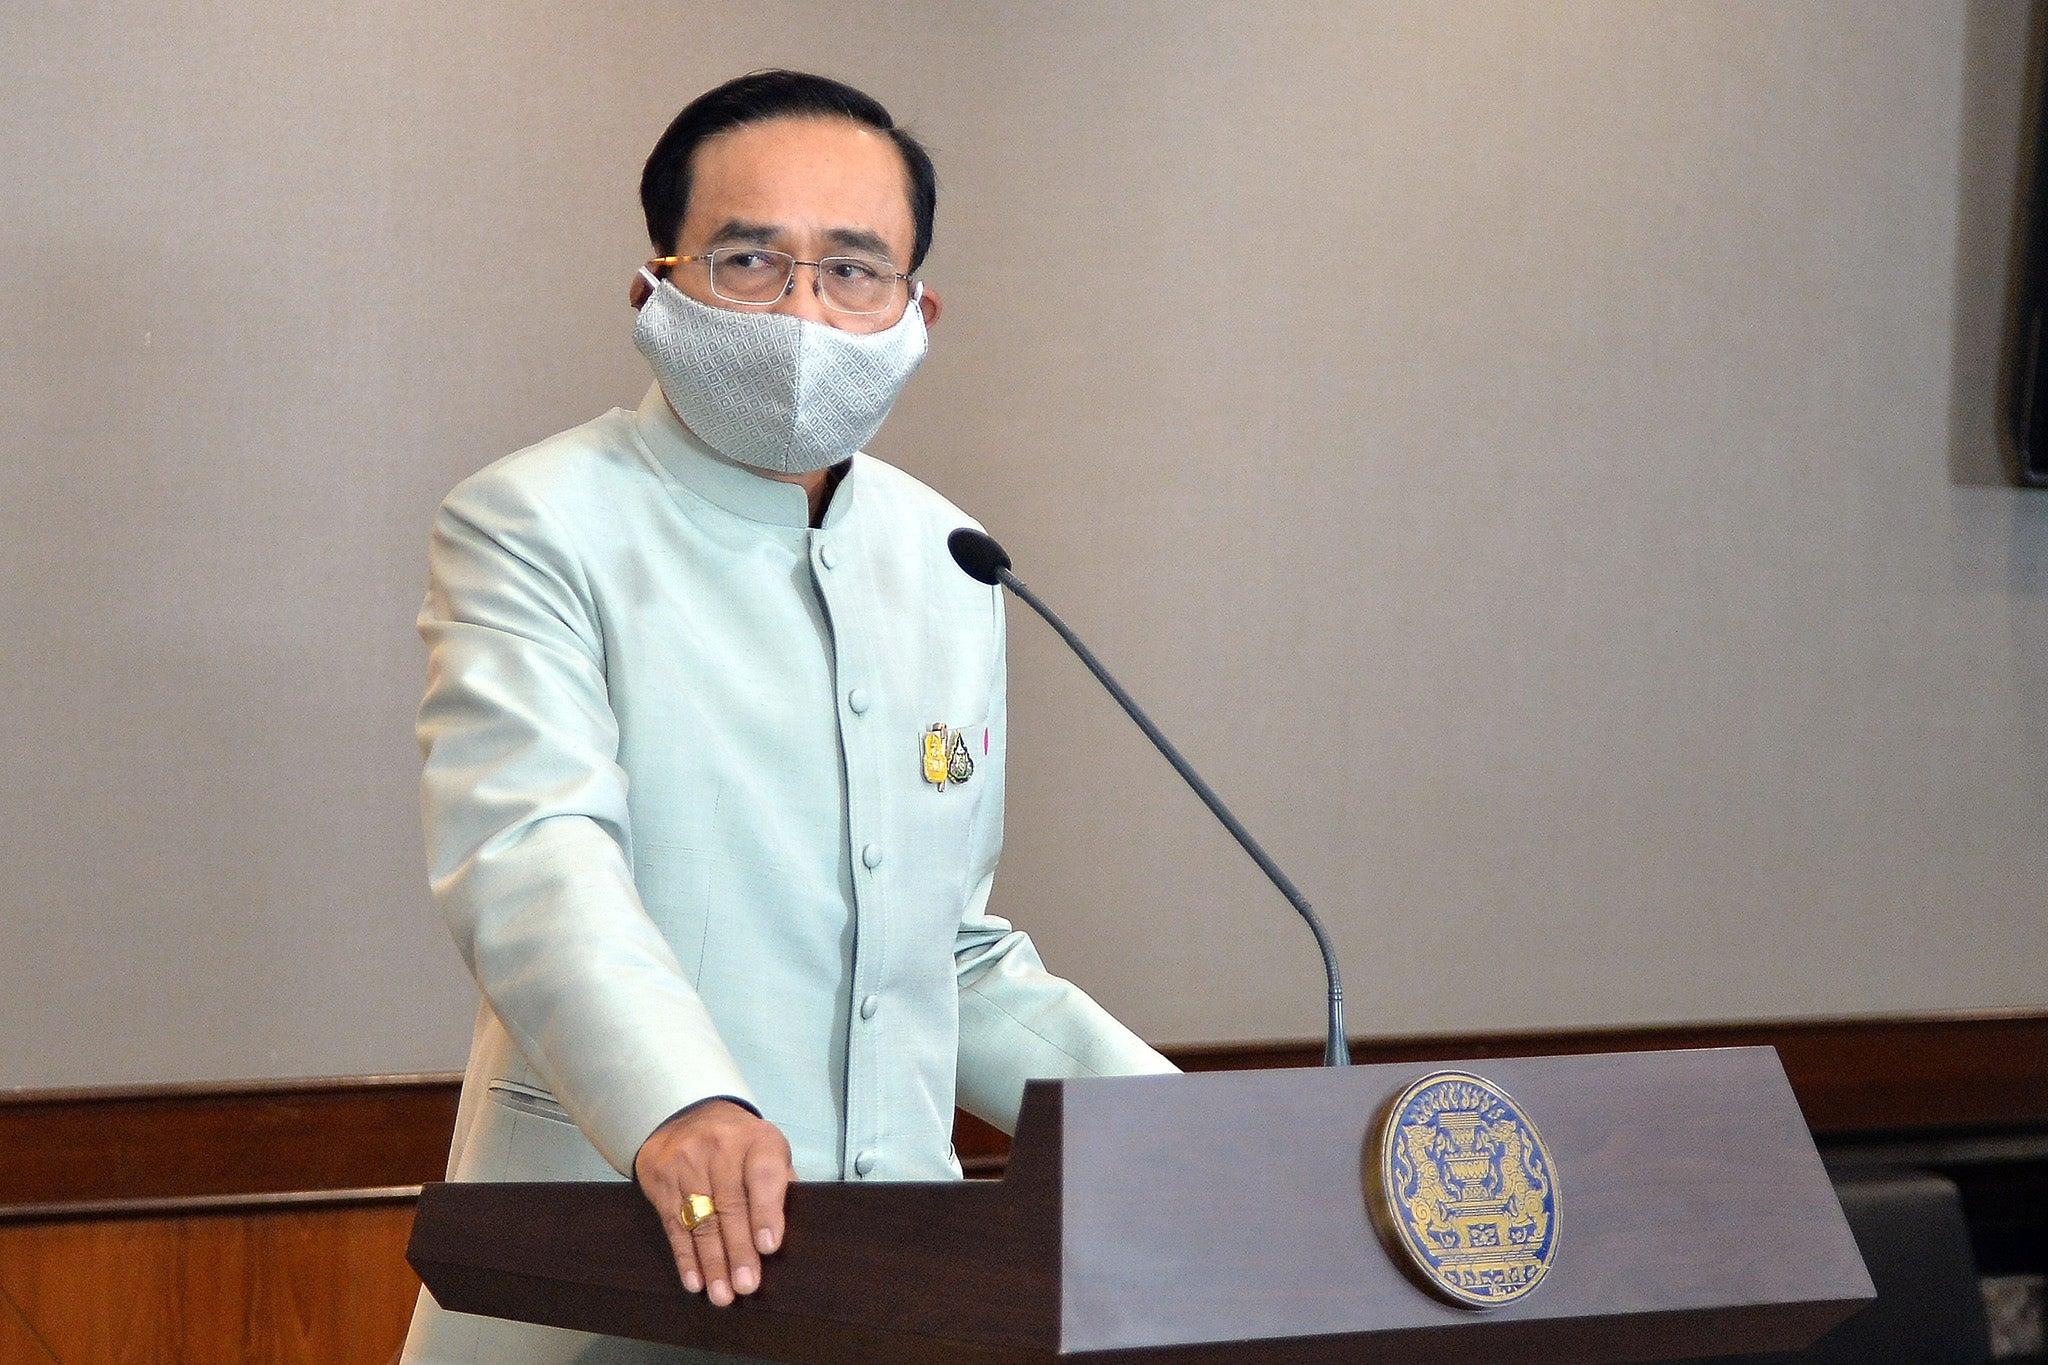 El Primer Ministro tailandés, el general Prayut Chan-Ocha, pronuncia un discurso televisado en Bangkok, Tailandia, el 24 de marzo de 2020 | Fuente: Royal Thai Government